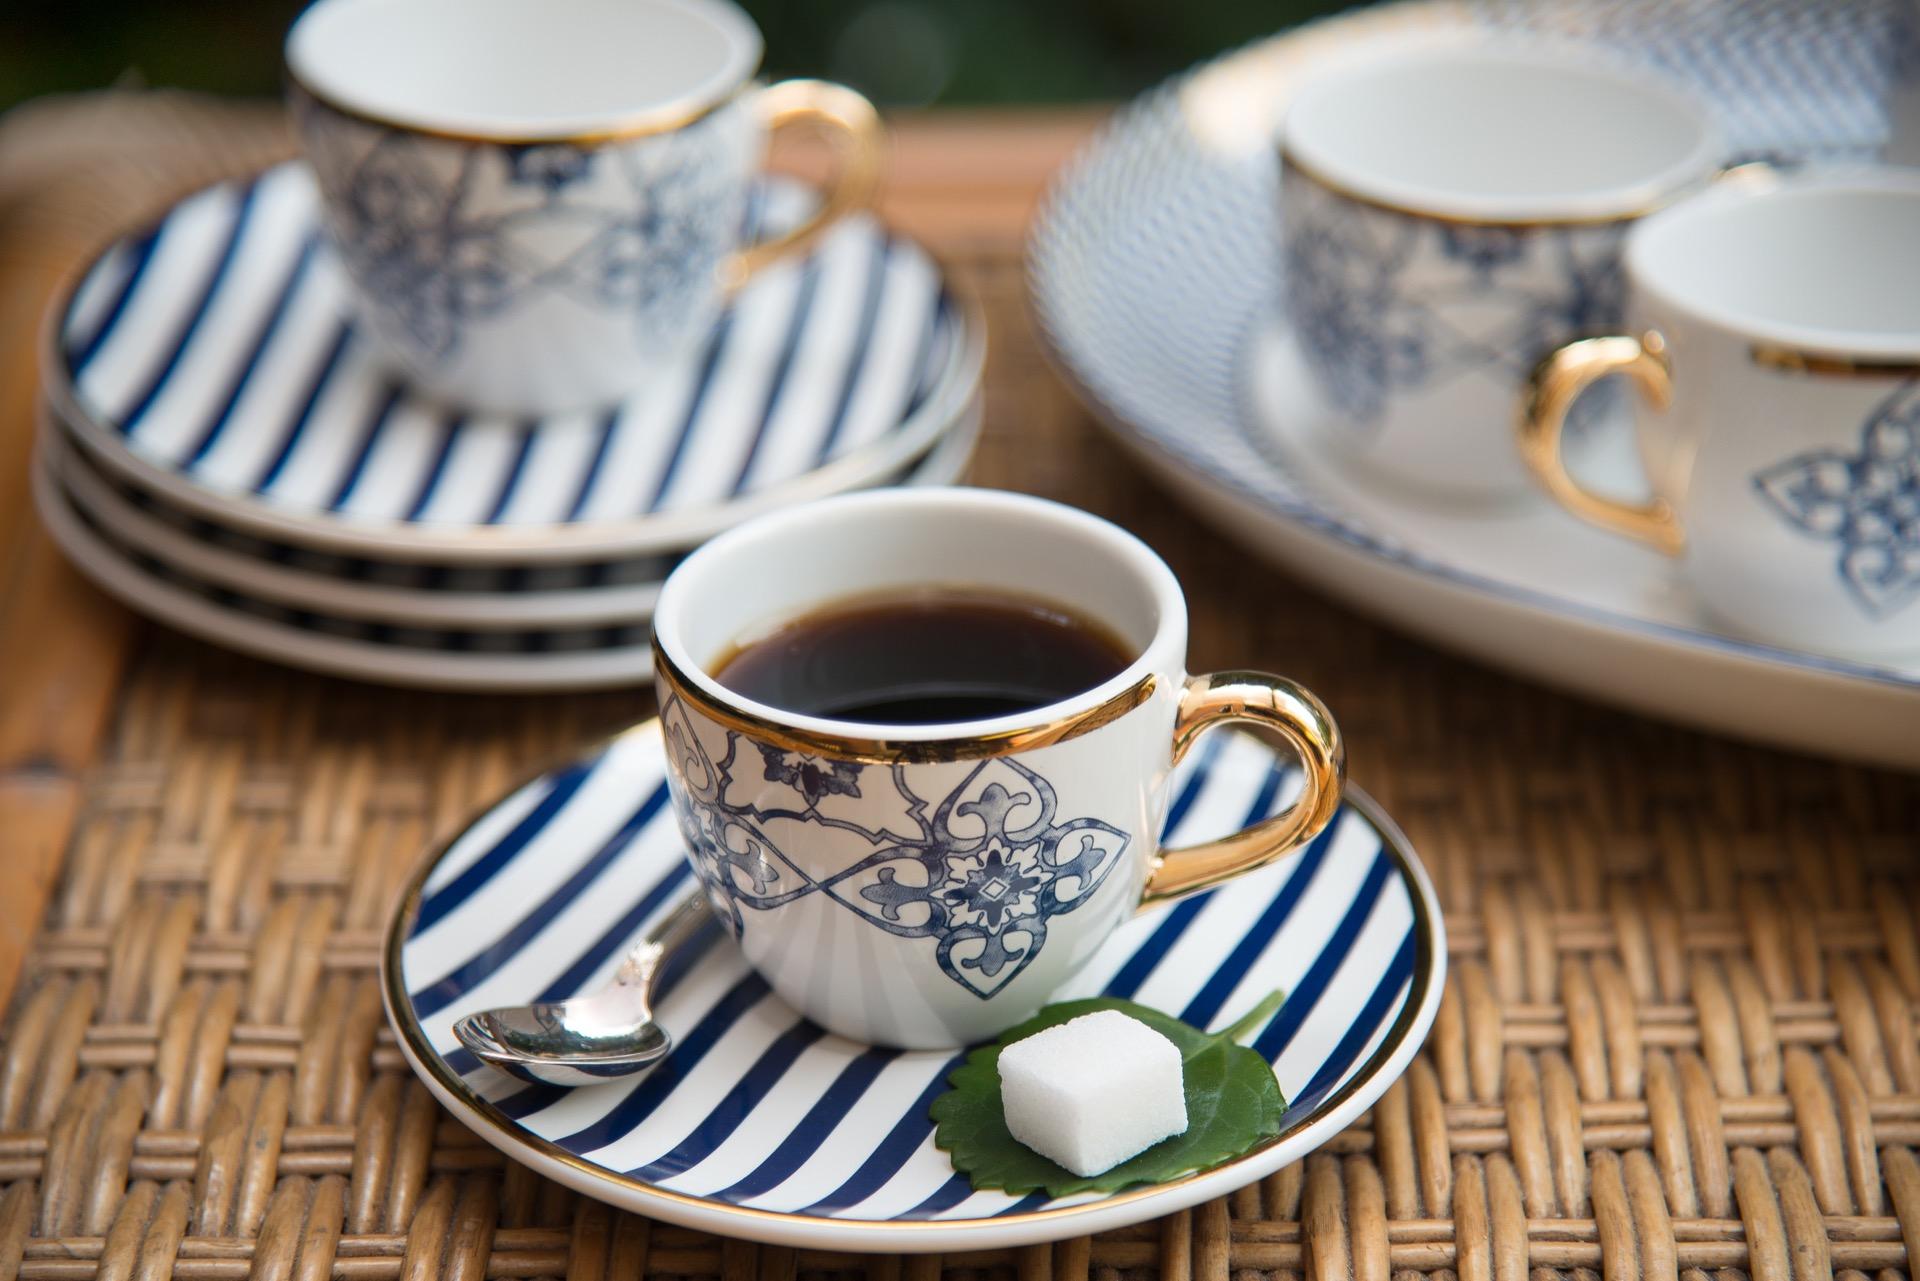 Imagem: A folha com o cubo de açúcar é um detalhe cheio de charme e que faz a diferença na hora de servir o café. Foto: Cacá Bratke.